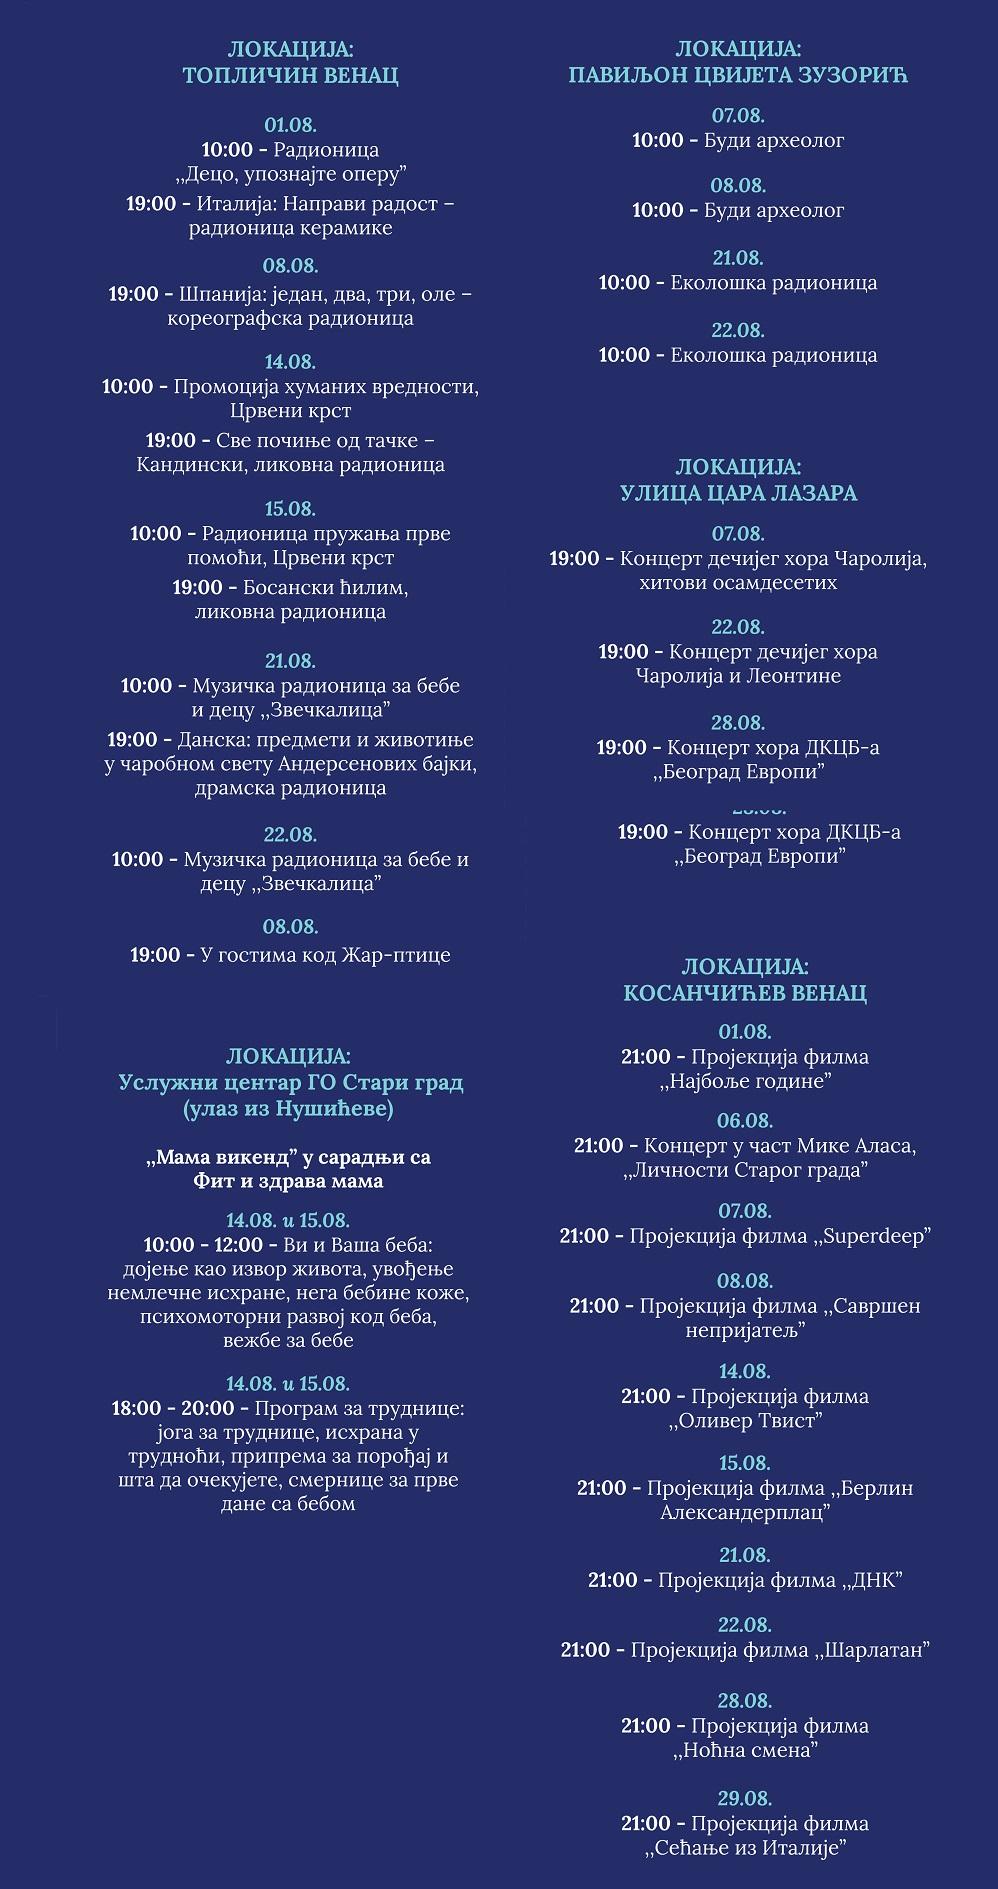 Beograd živi - program za avgust 2021.